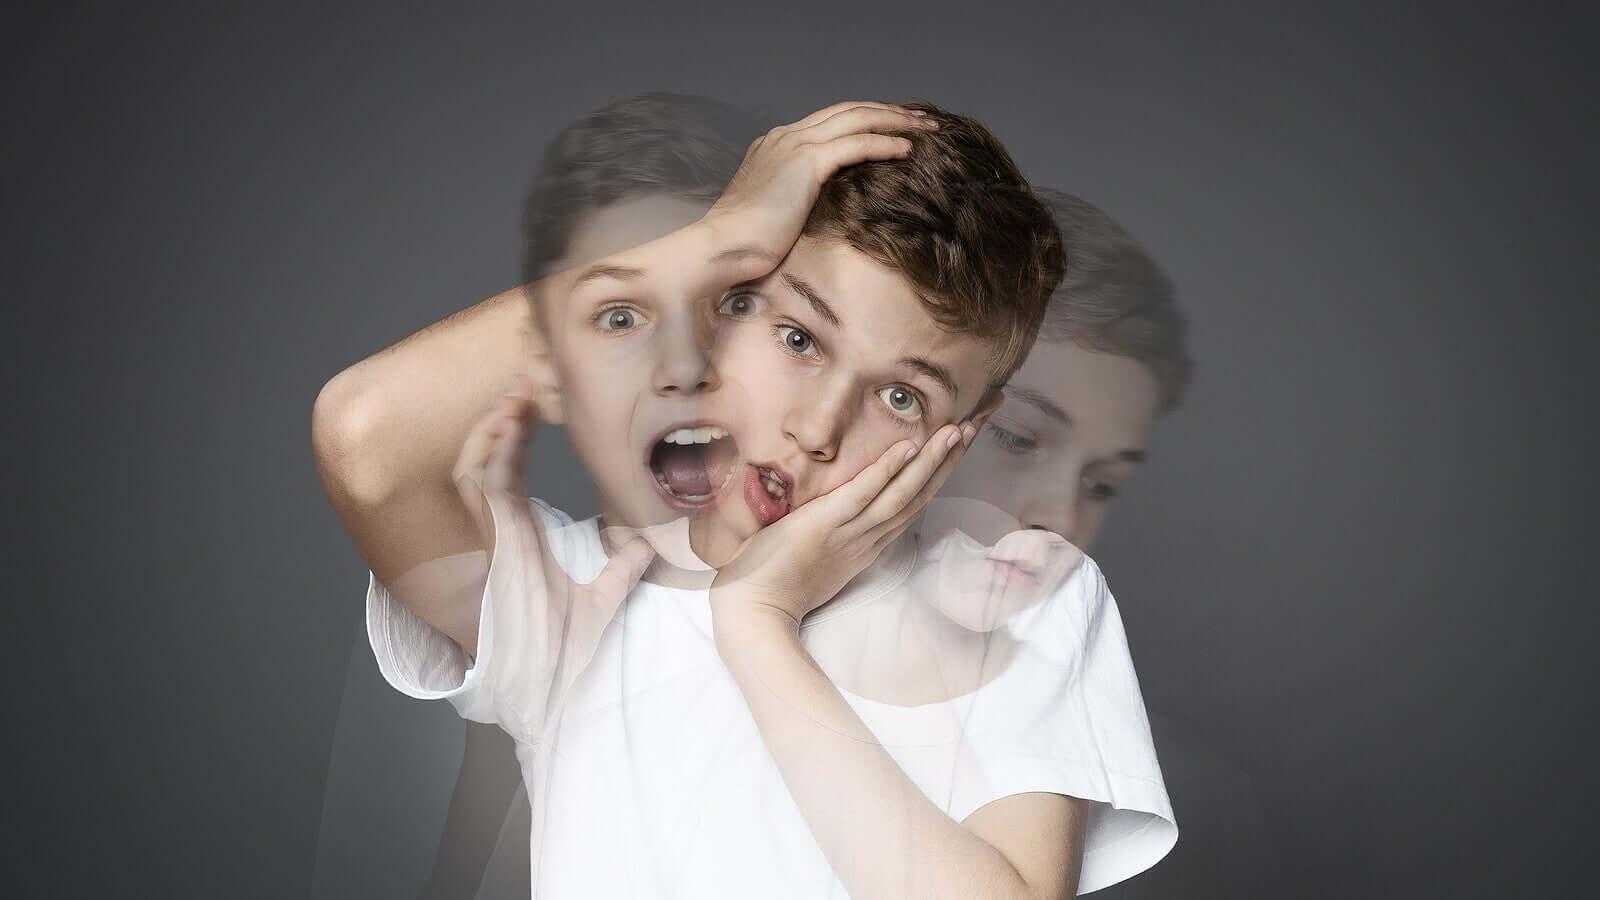 Esquizofrenia infantil: sintomas, causas e tratamento